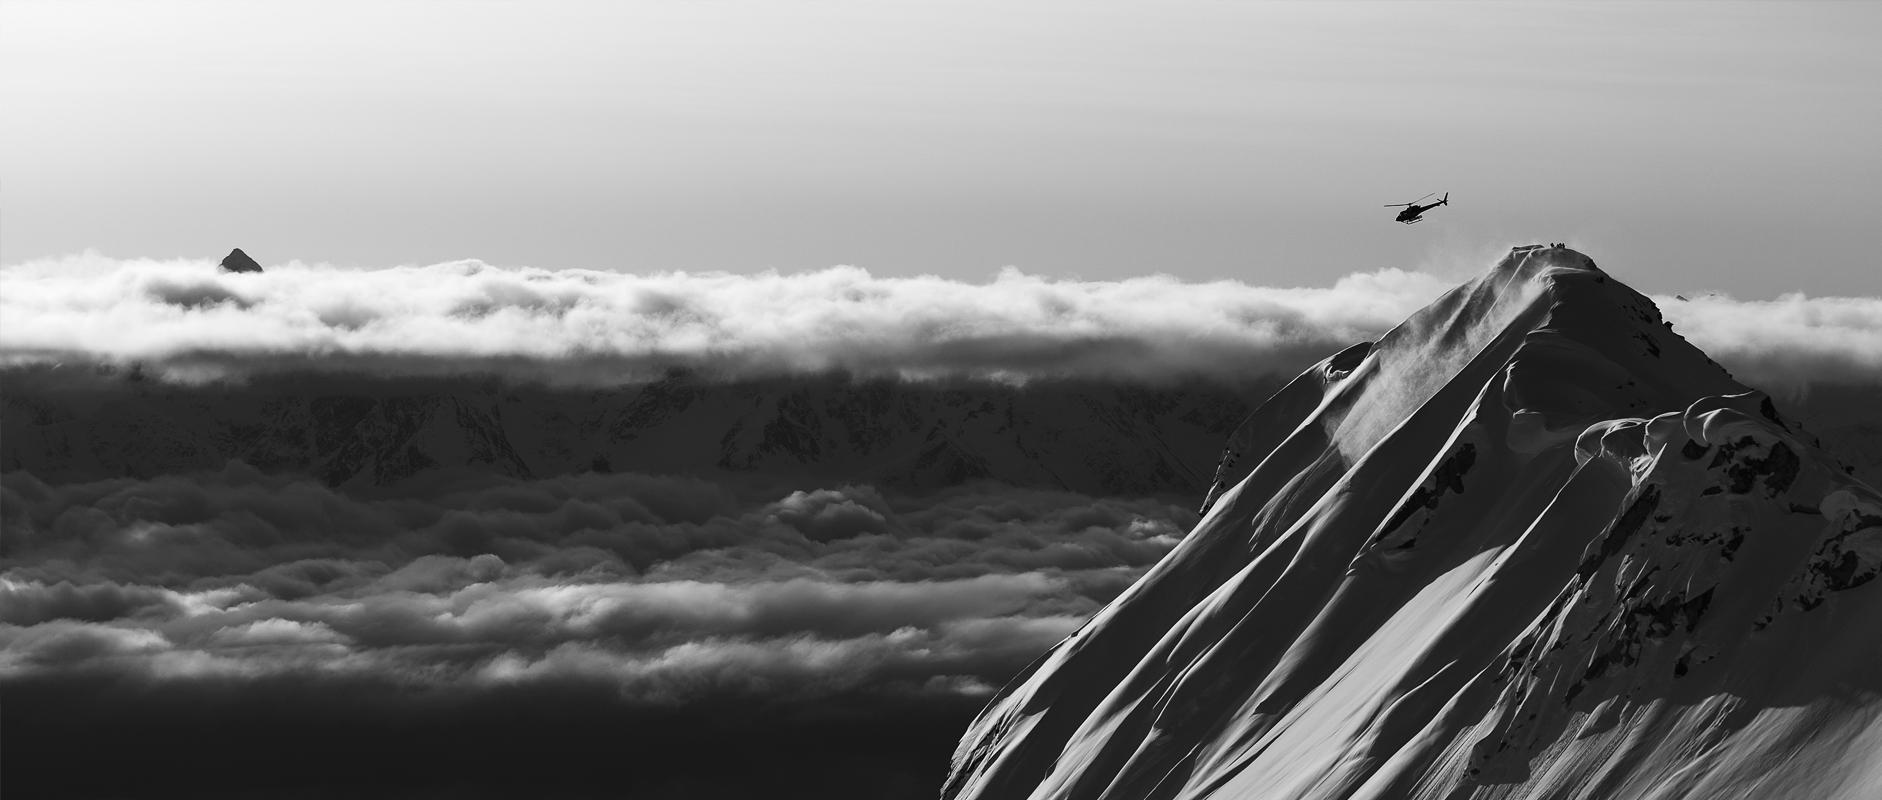 Zwart witte foto van helikopter in Alaska